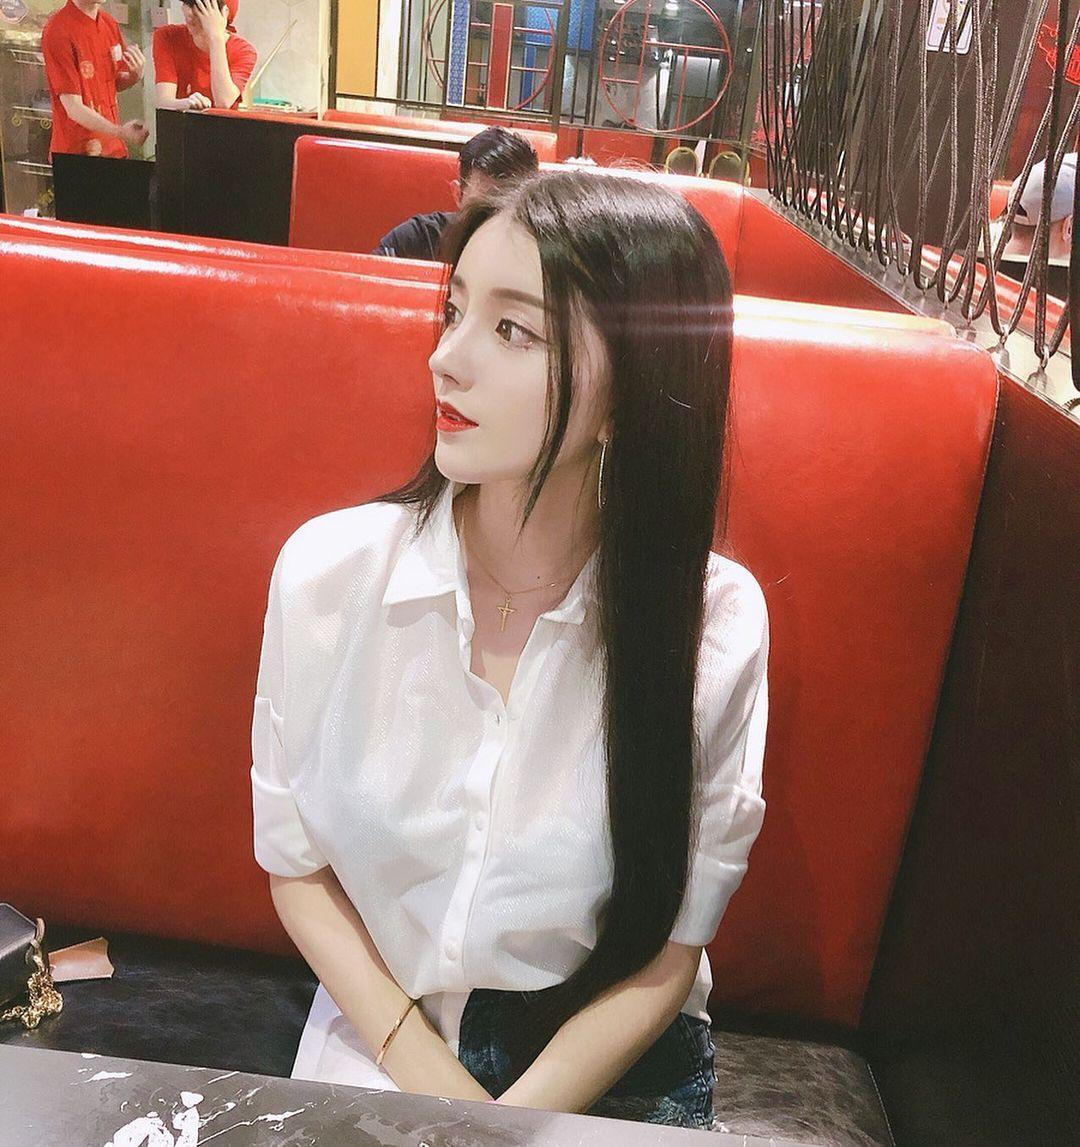 辣妹Candice林梦恬傲人身材美艳外型超极品 吃瓜基地 第2张